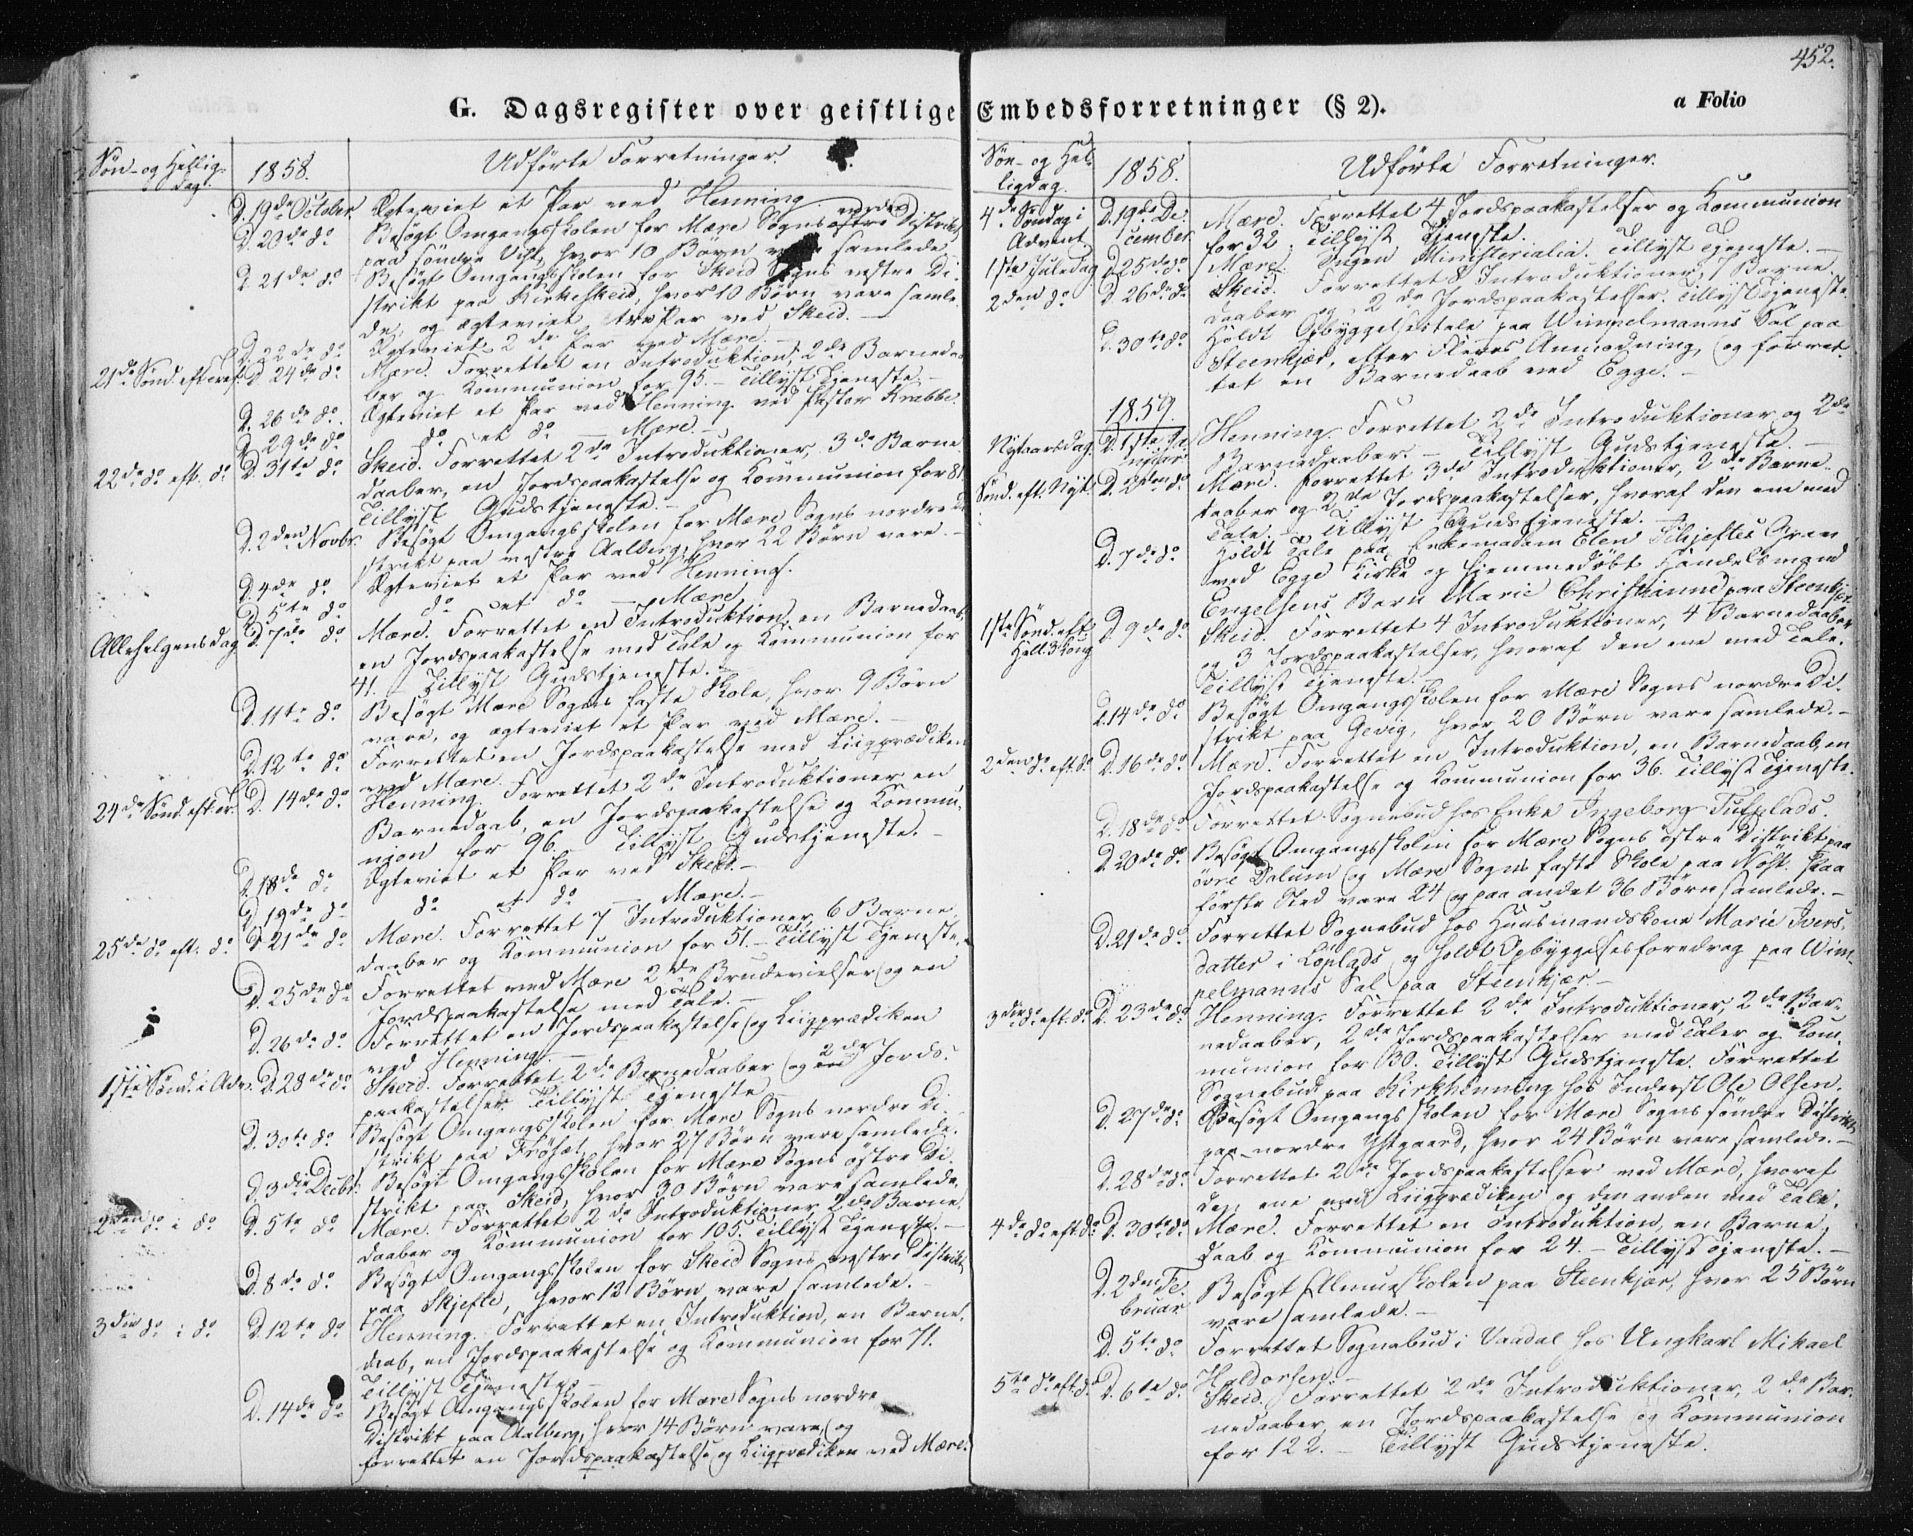 SAT, Ministerialprotokoller, klokkerbøker og fødselsregistre - Nord-Trøndelag, 735/L0342: Ministerialbok nr. 735A07 /1, 1849-1862, s. 452